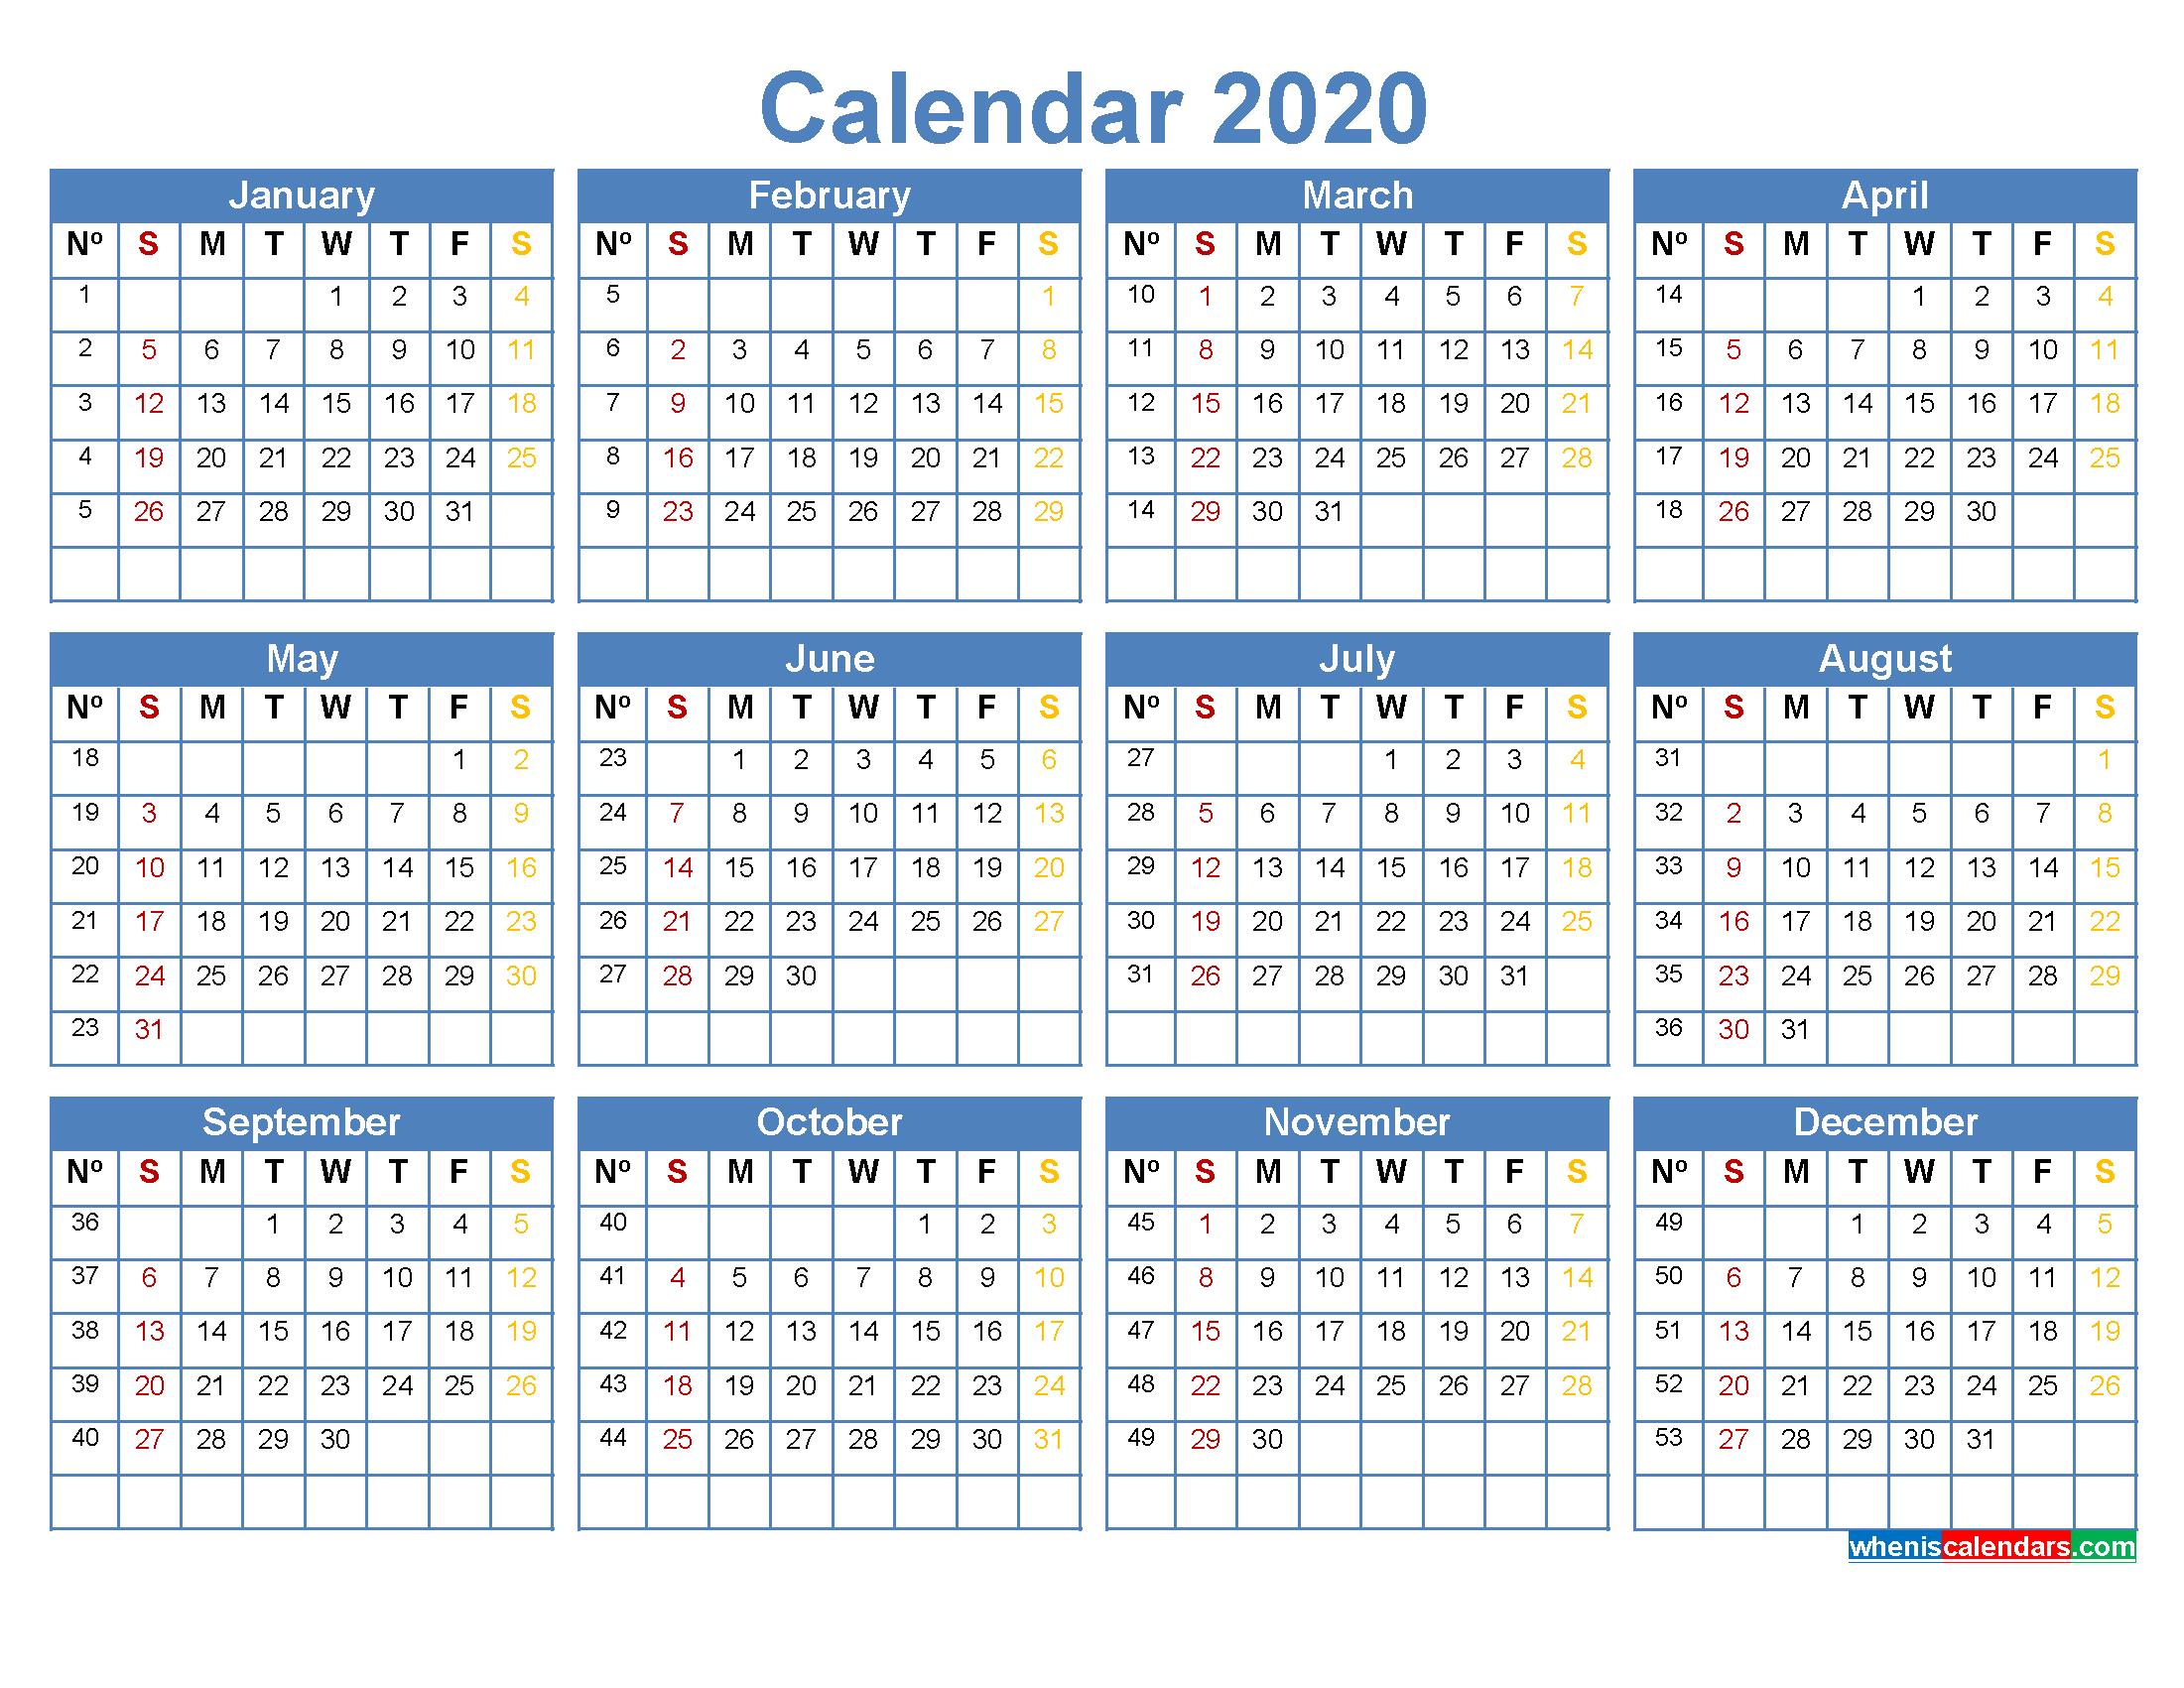 2020 Calendar With Week Numbers Printable Word, Pdf – Free with Yearly Week Number Calendar Excel